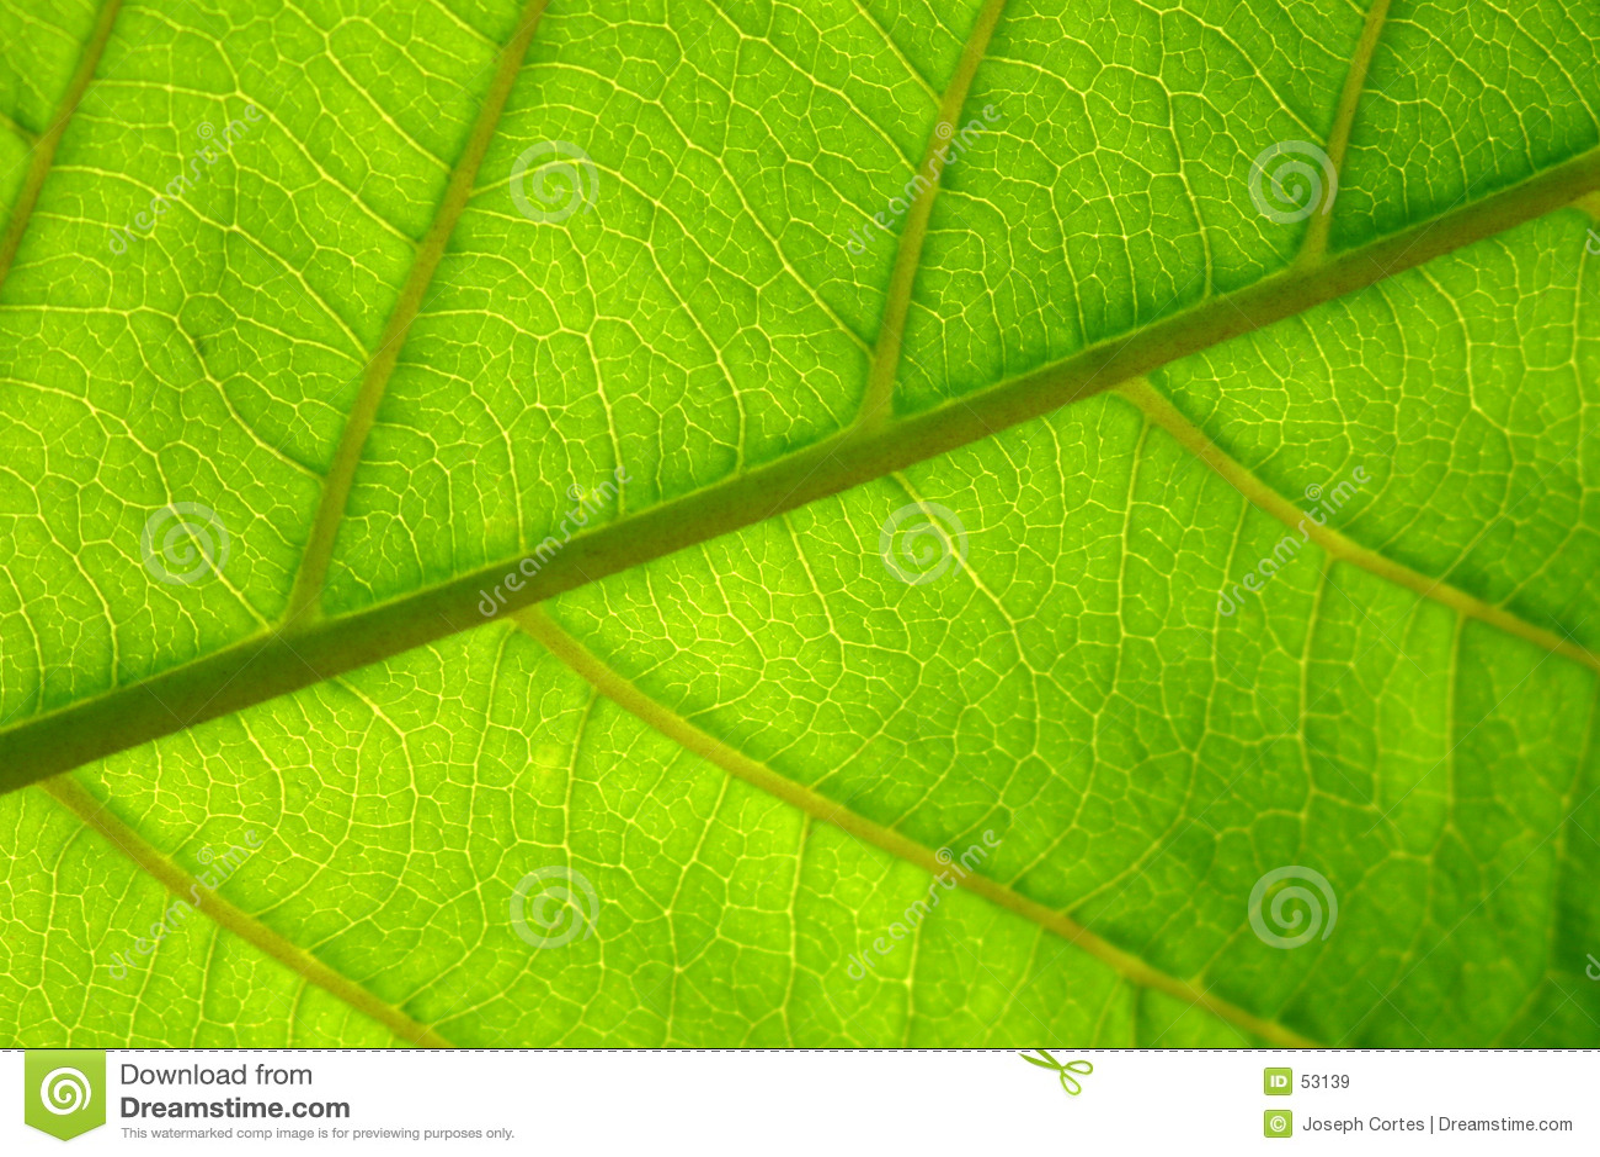 Hoja verde